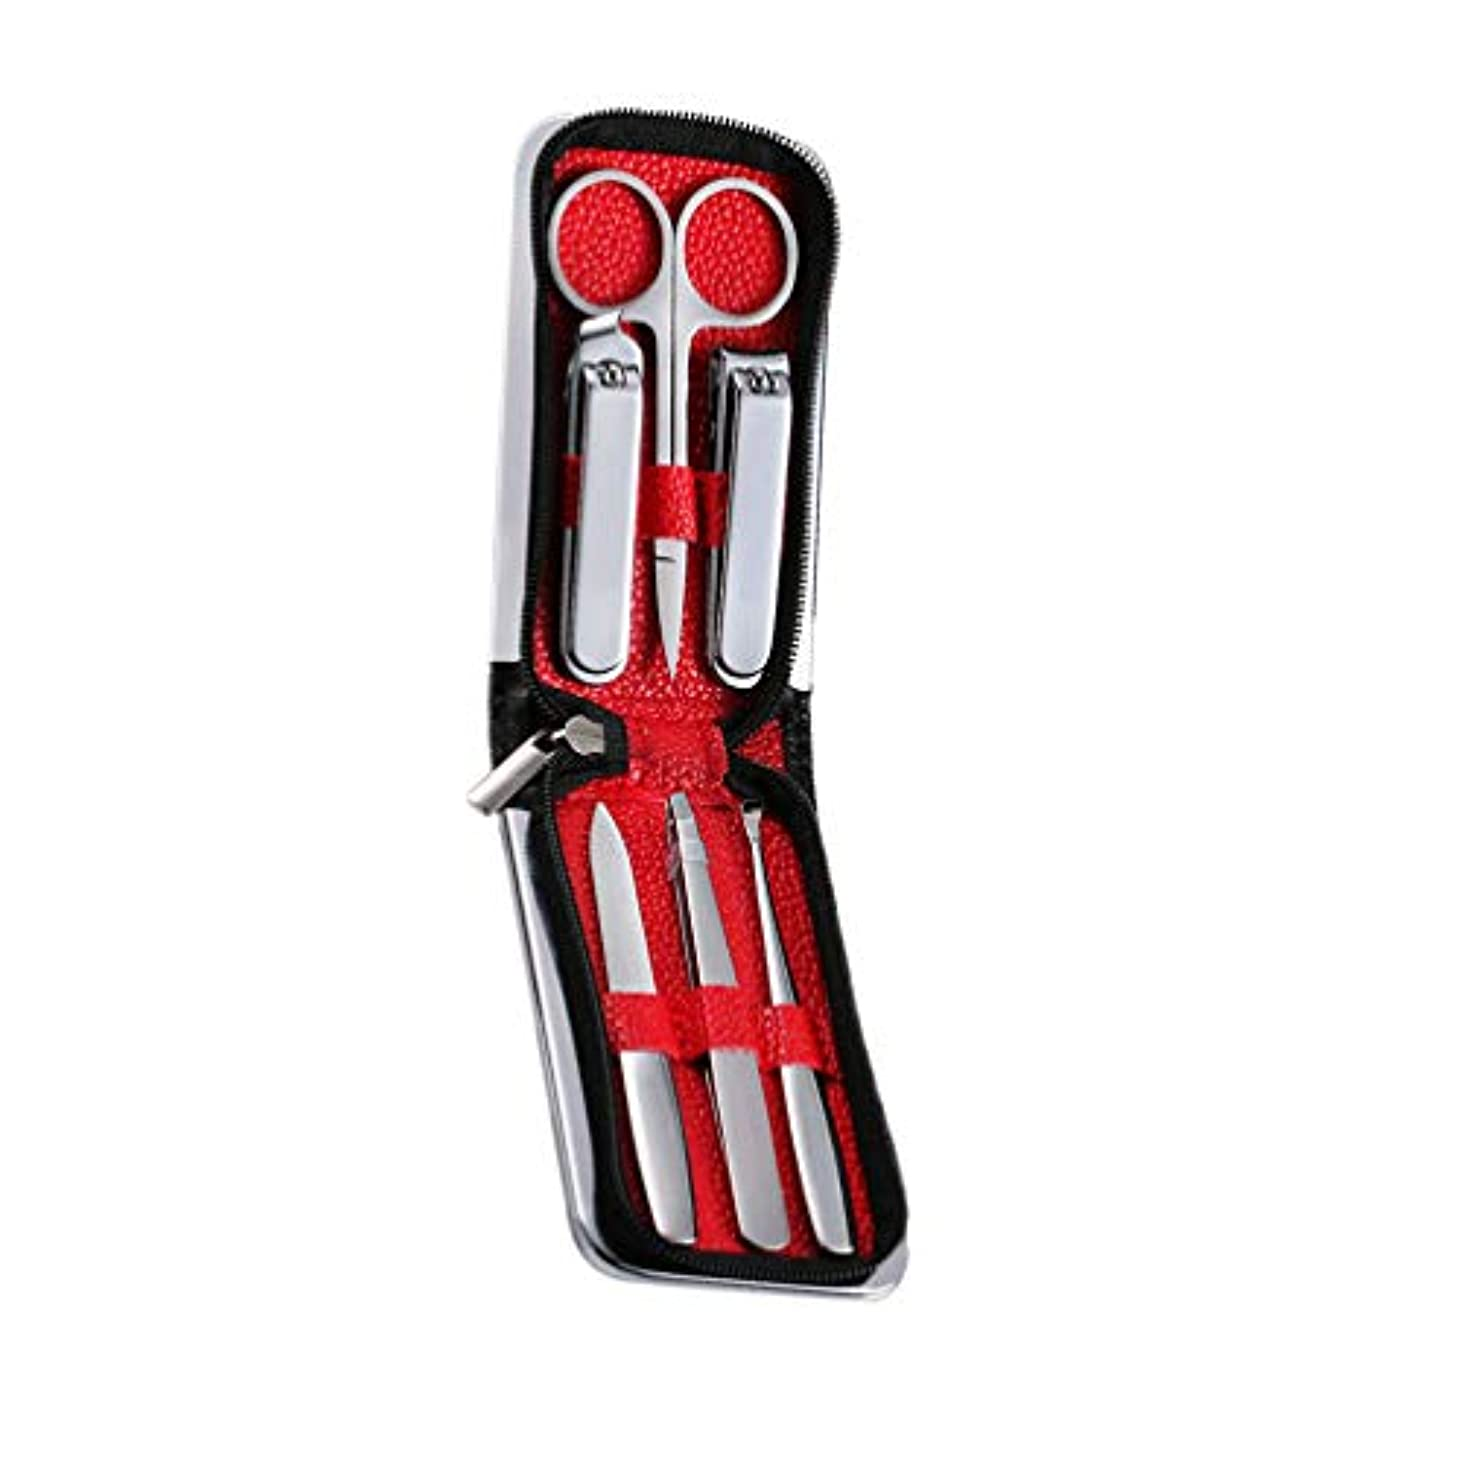 もっとクモ解くSUPVOX 爪切りは爪足の爪レザートラベルケース用マニキュアキットを設定します